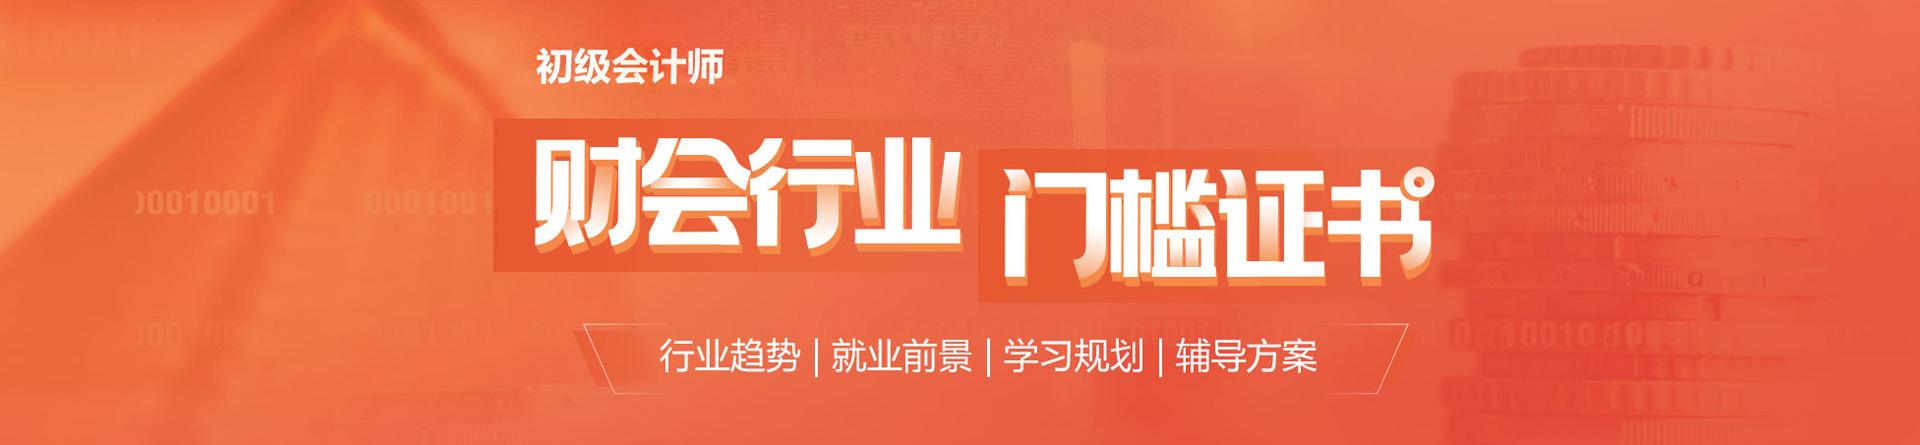 上海徐汇区高顿财经教育学校